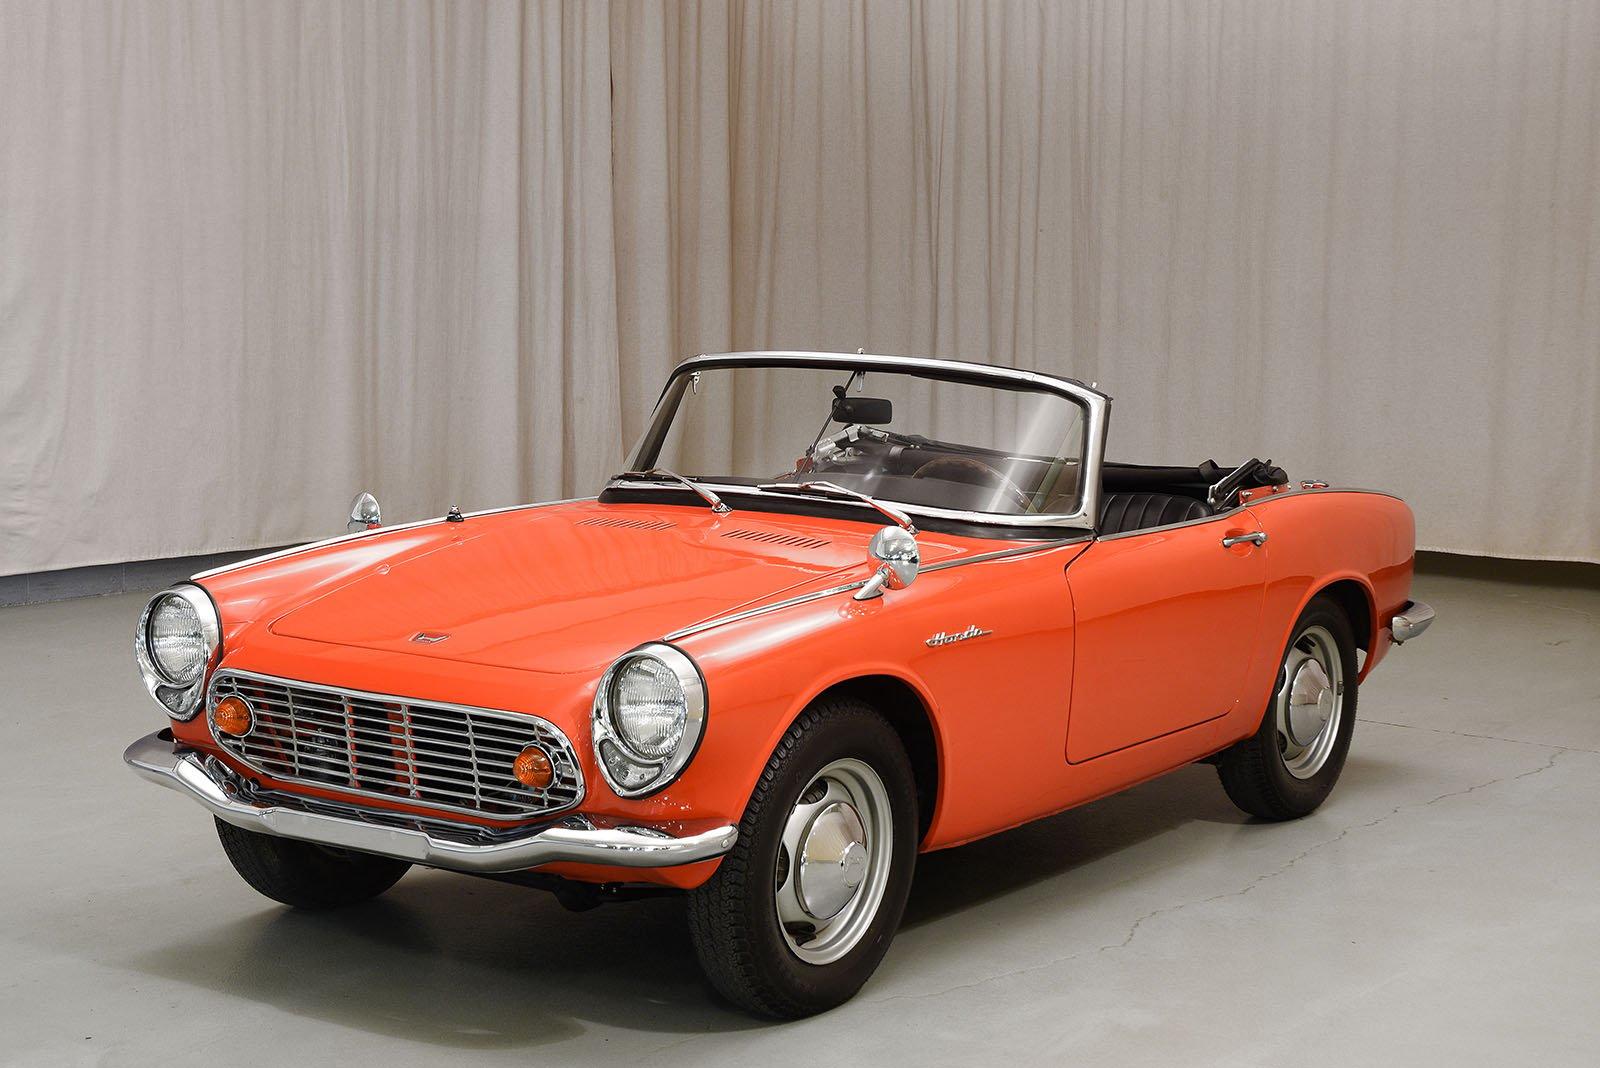 1966 Honda S600 Convertible - Hyman Ltd. Classic Cars